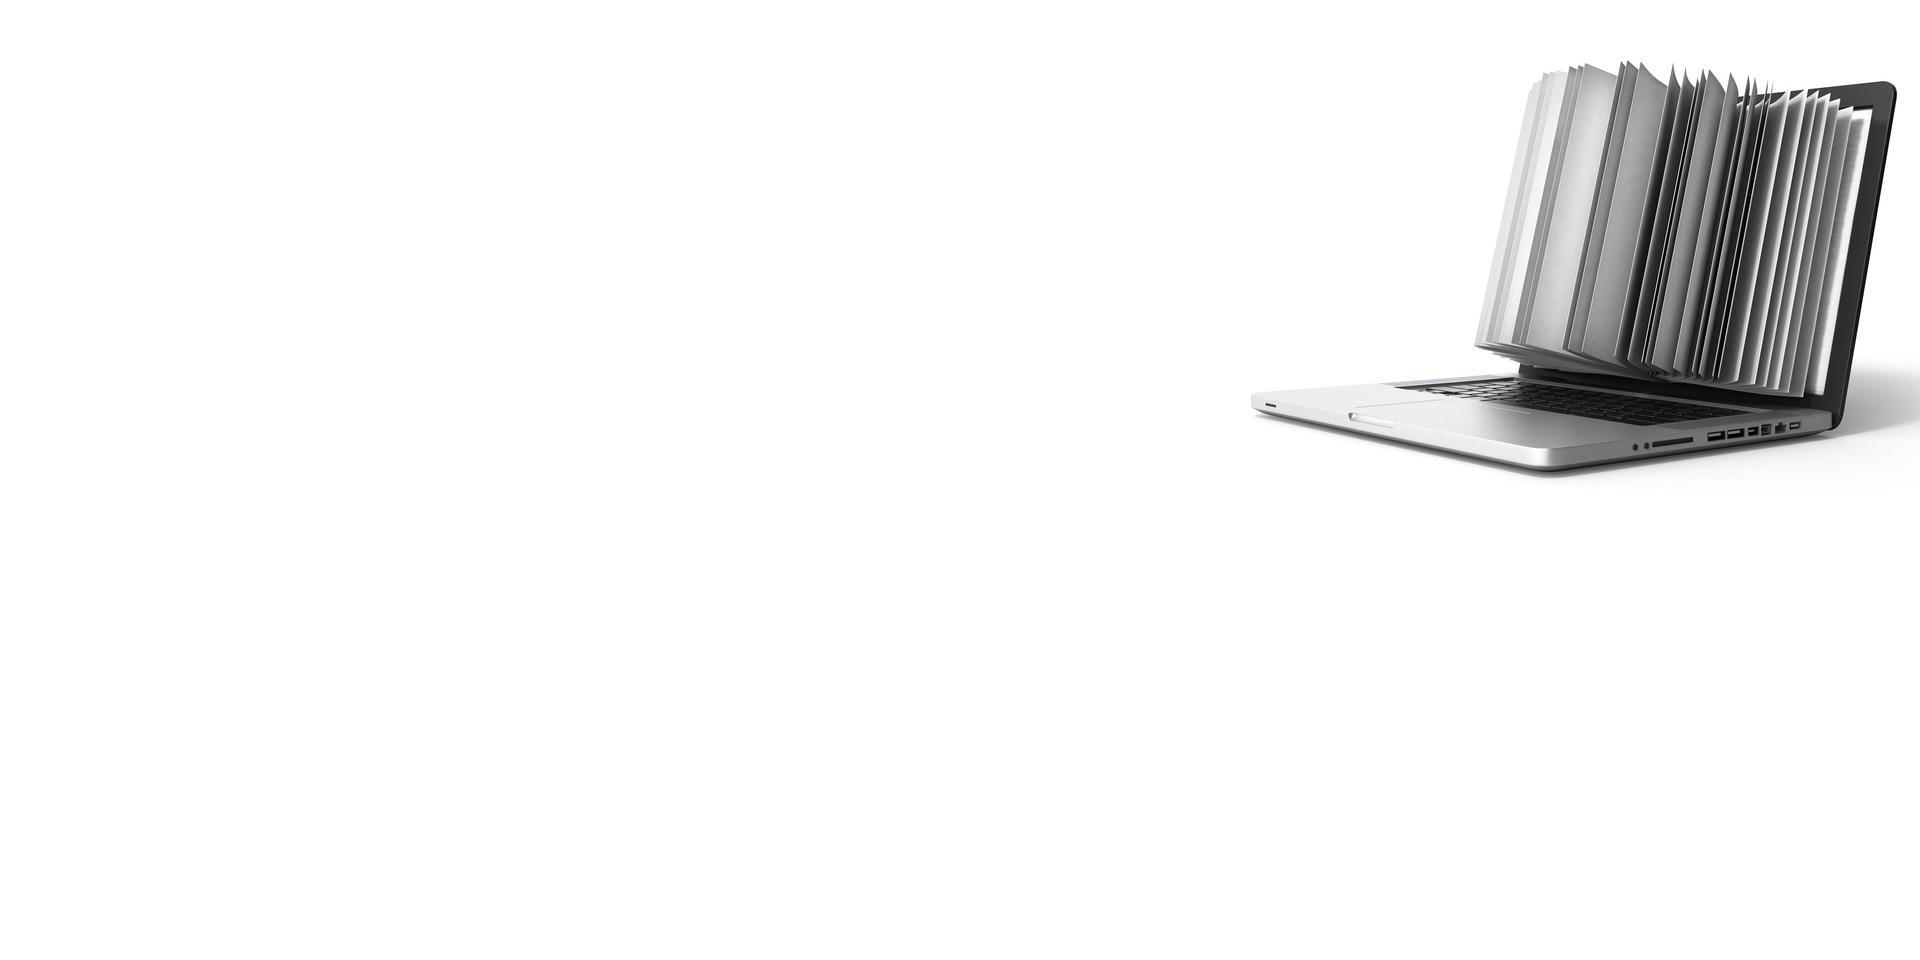 Ein Buch ragt aus dem Bildschirm eines Laptops.